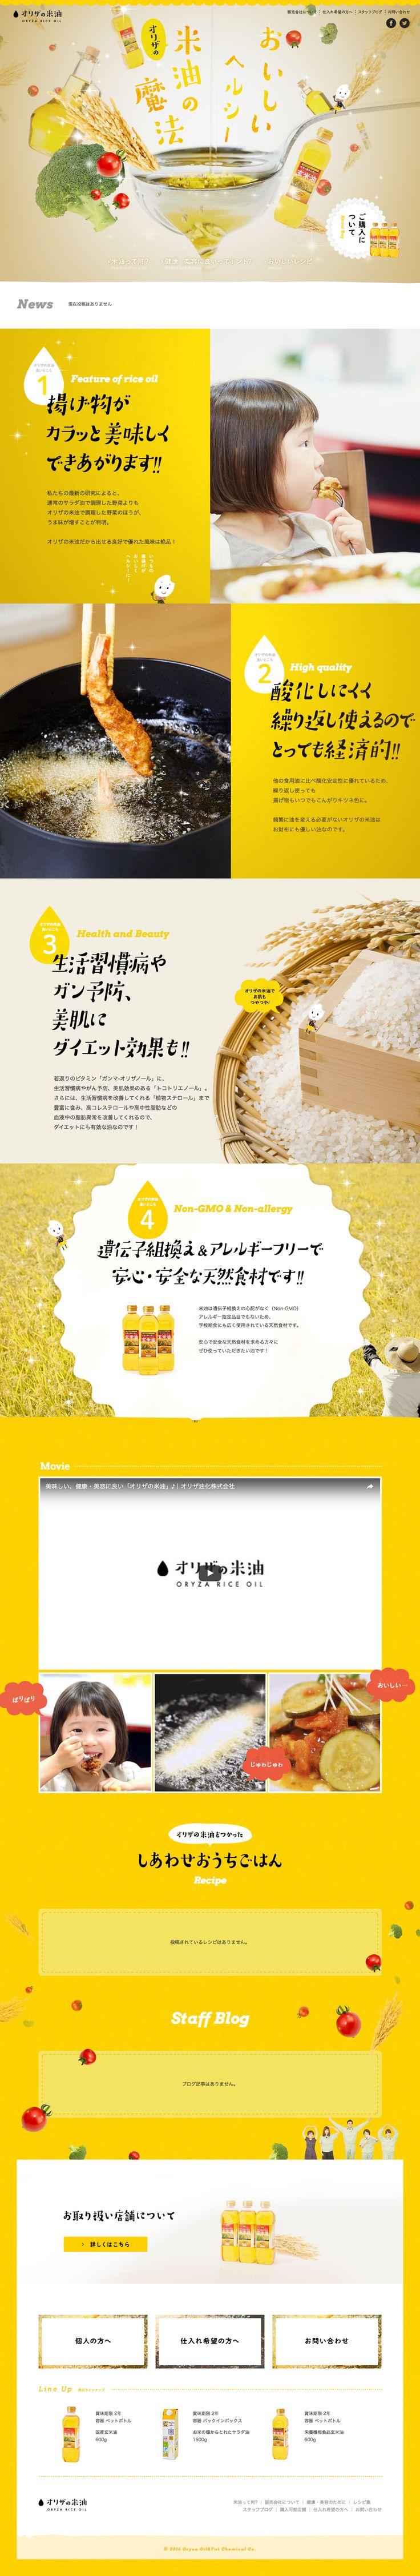 オリザの米油(こめ油)|オリザ油化株式会社 : 81-web.com【Webデザイン リンク集】